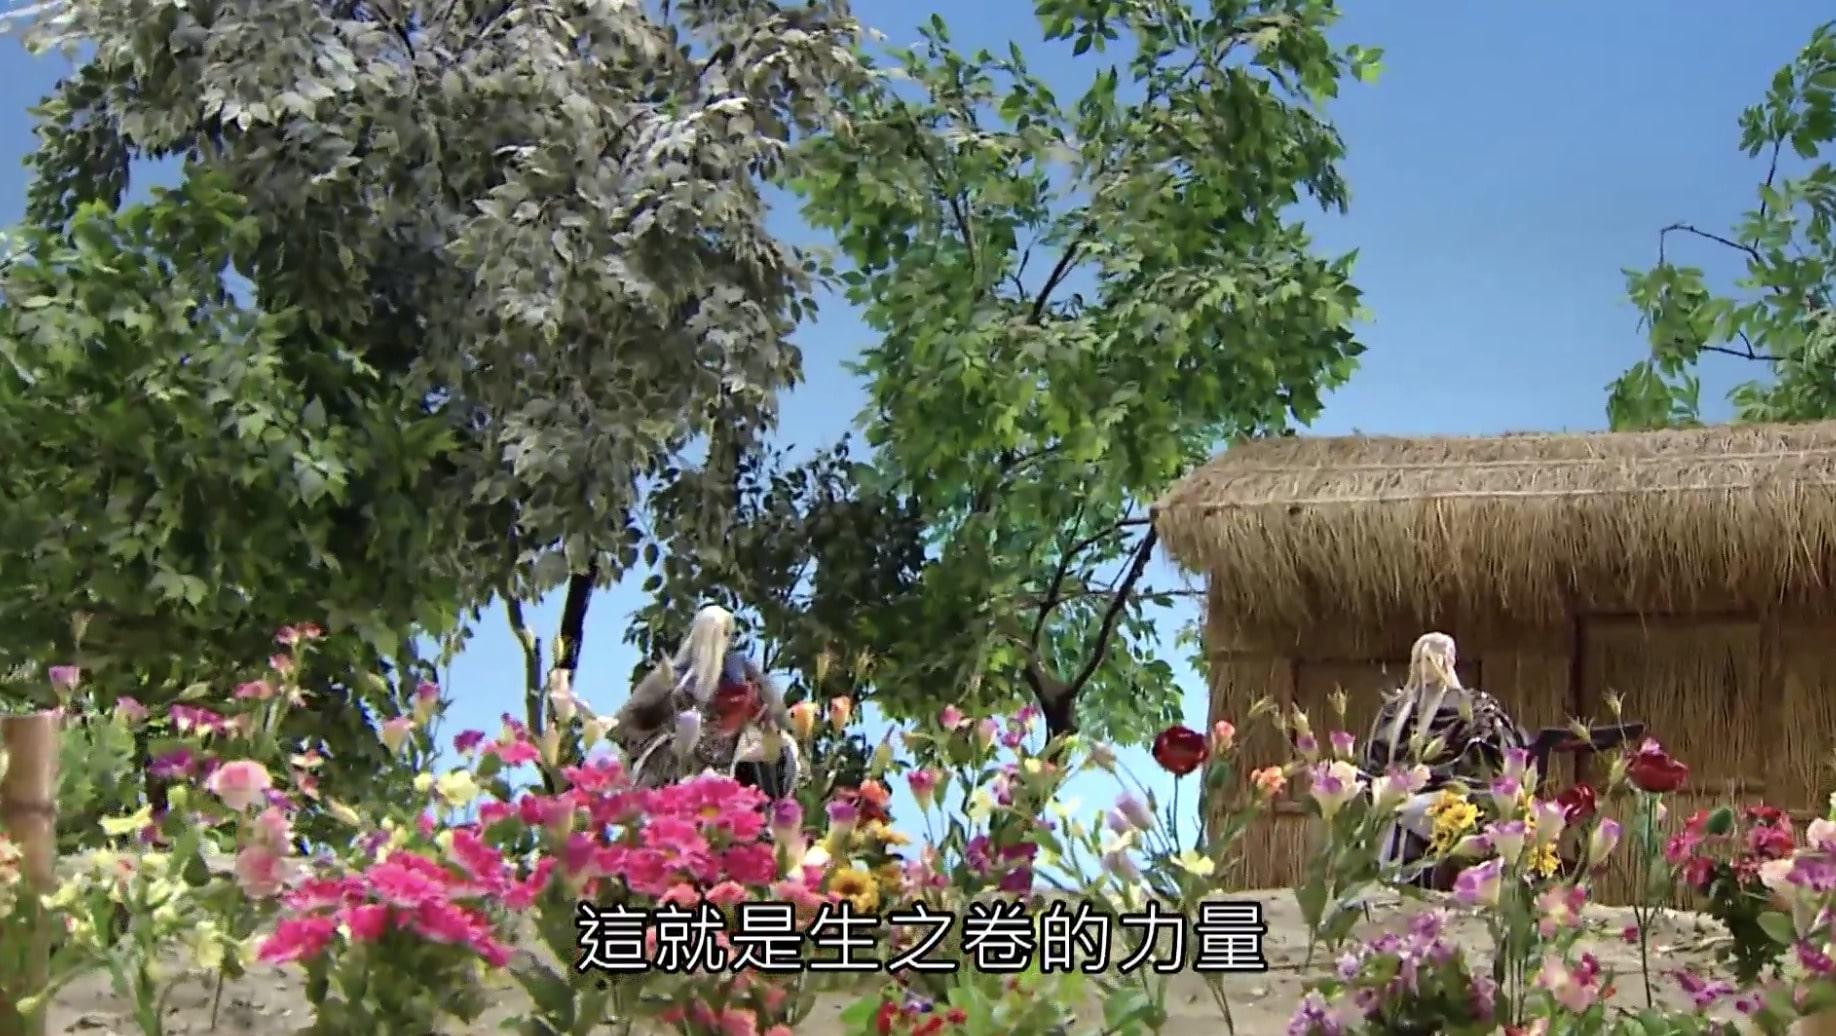 2010梟皇論戰第二十八集:兵甲武經,六武歸一